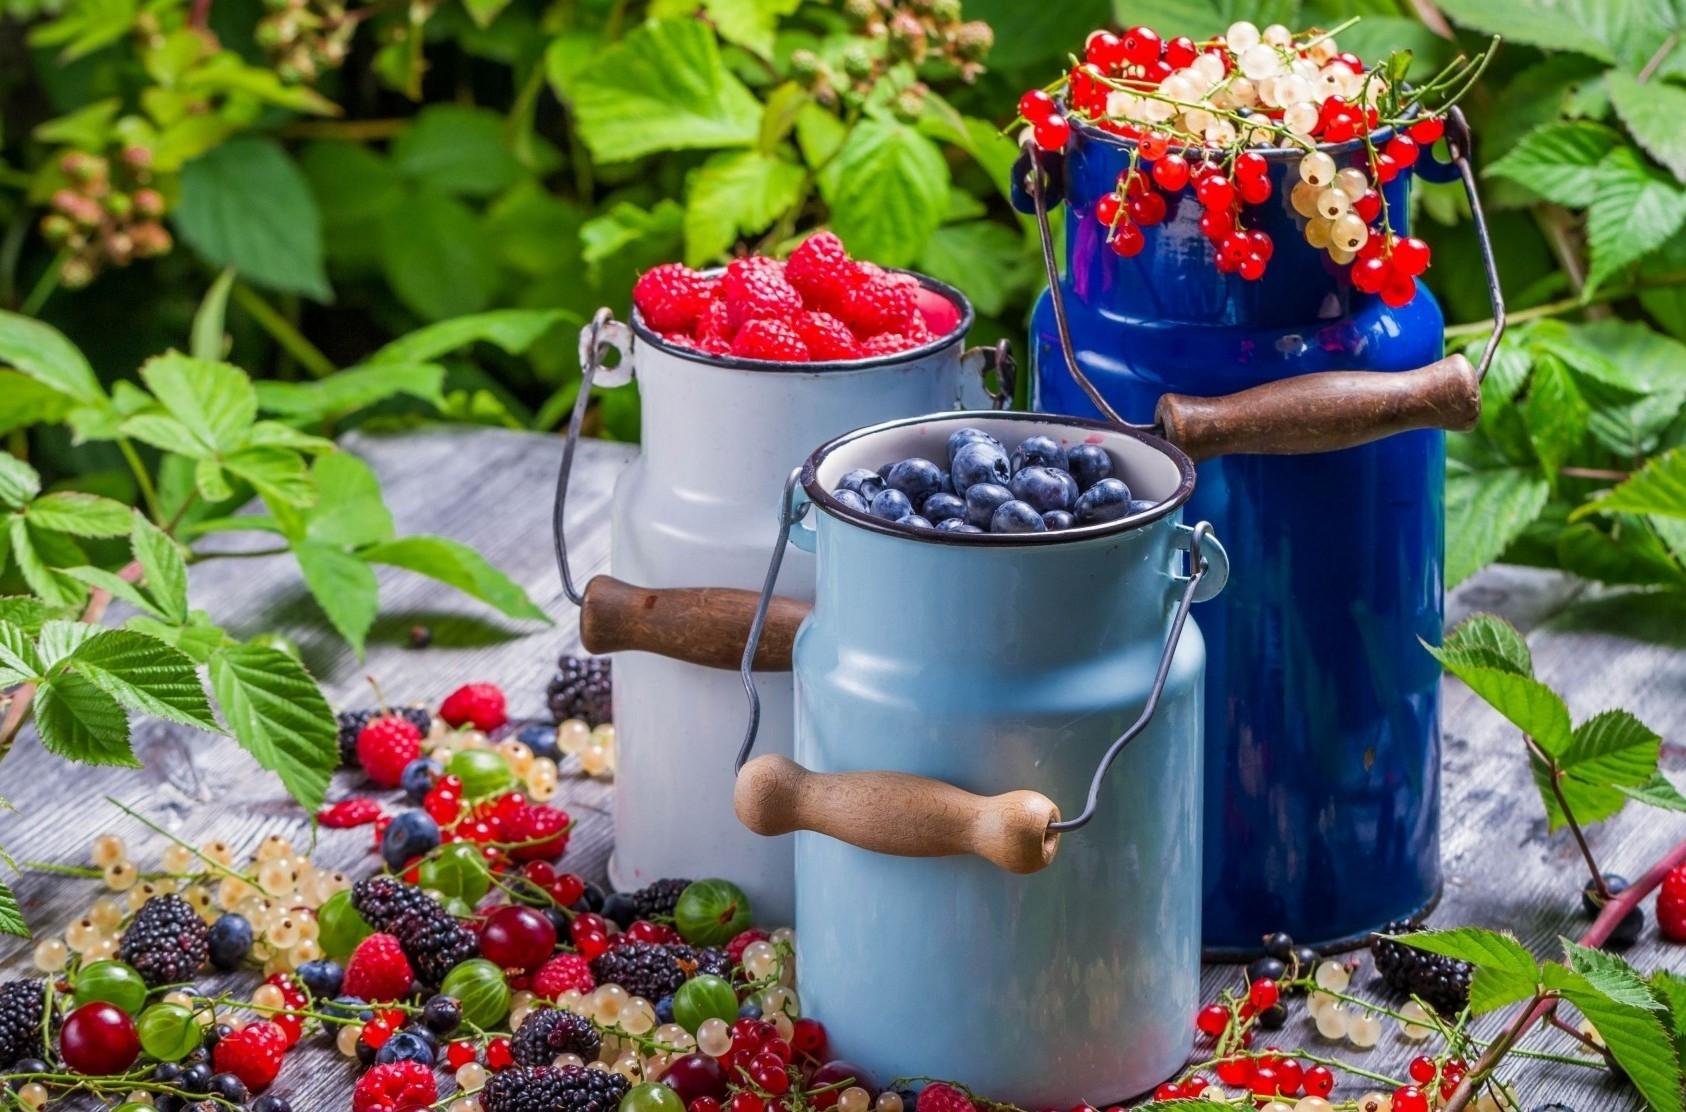 Собирайте созревшую ягоду, чересчур ранний сбор приводит к потере вкусовых качеств, слишком поздний грозит гниением плодов и снижением урожая